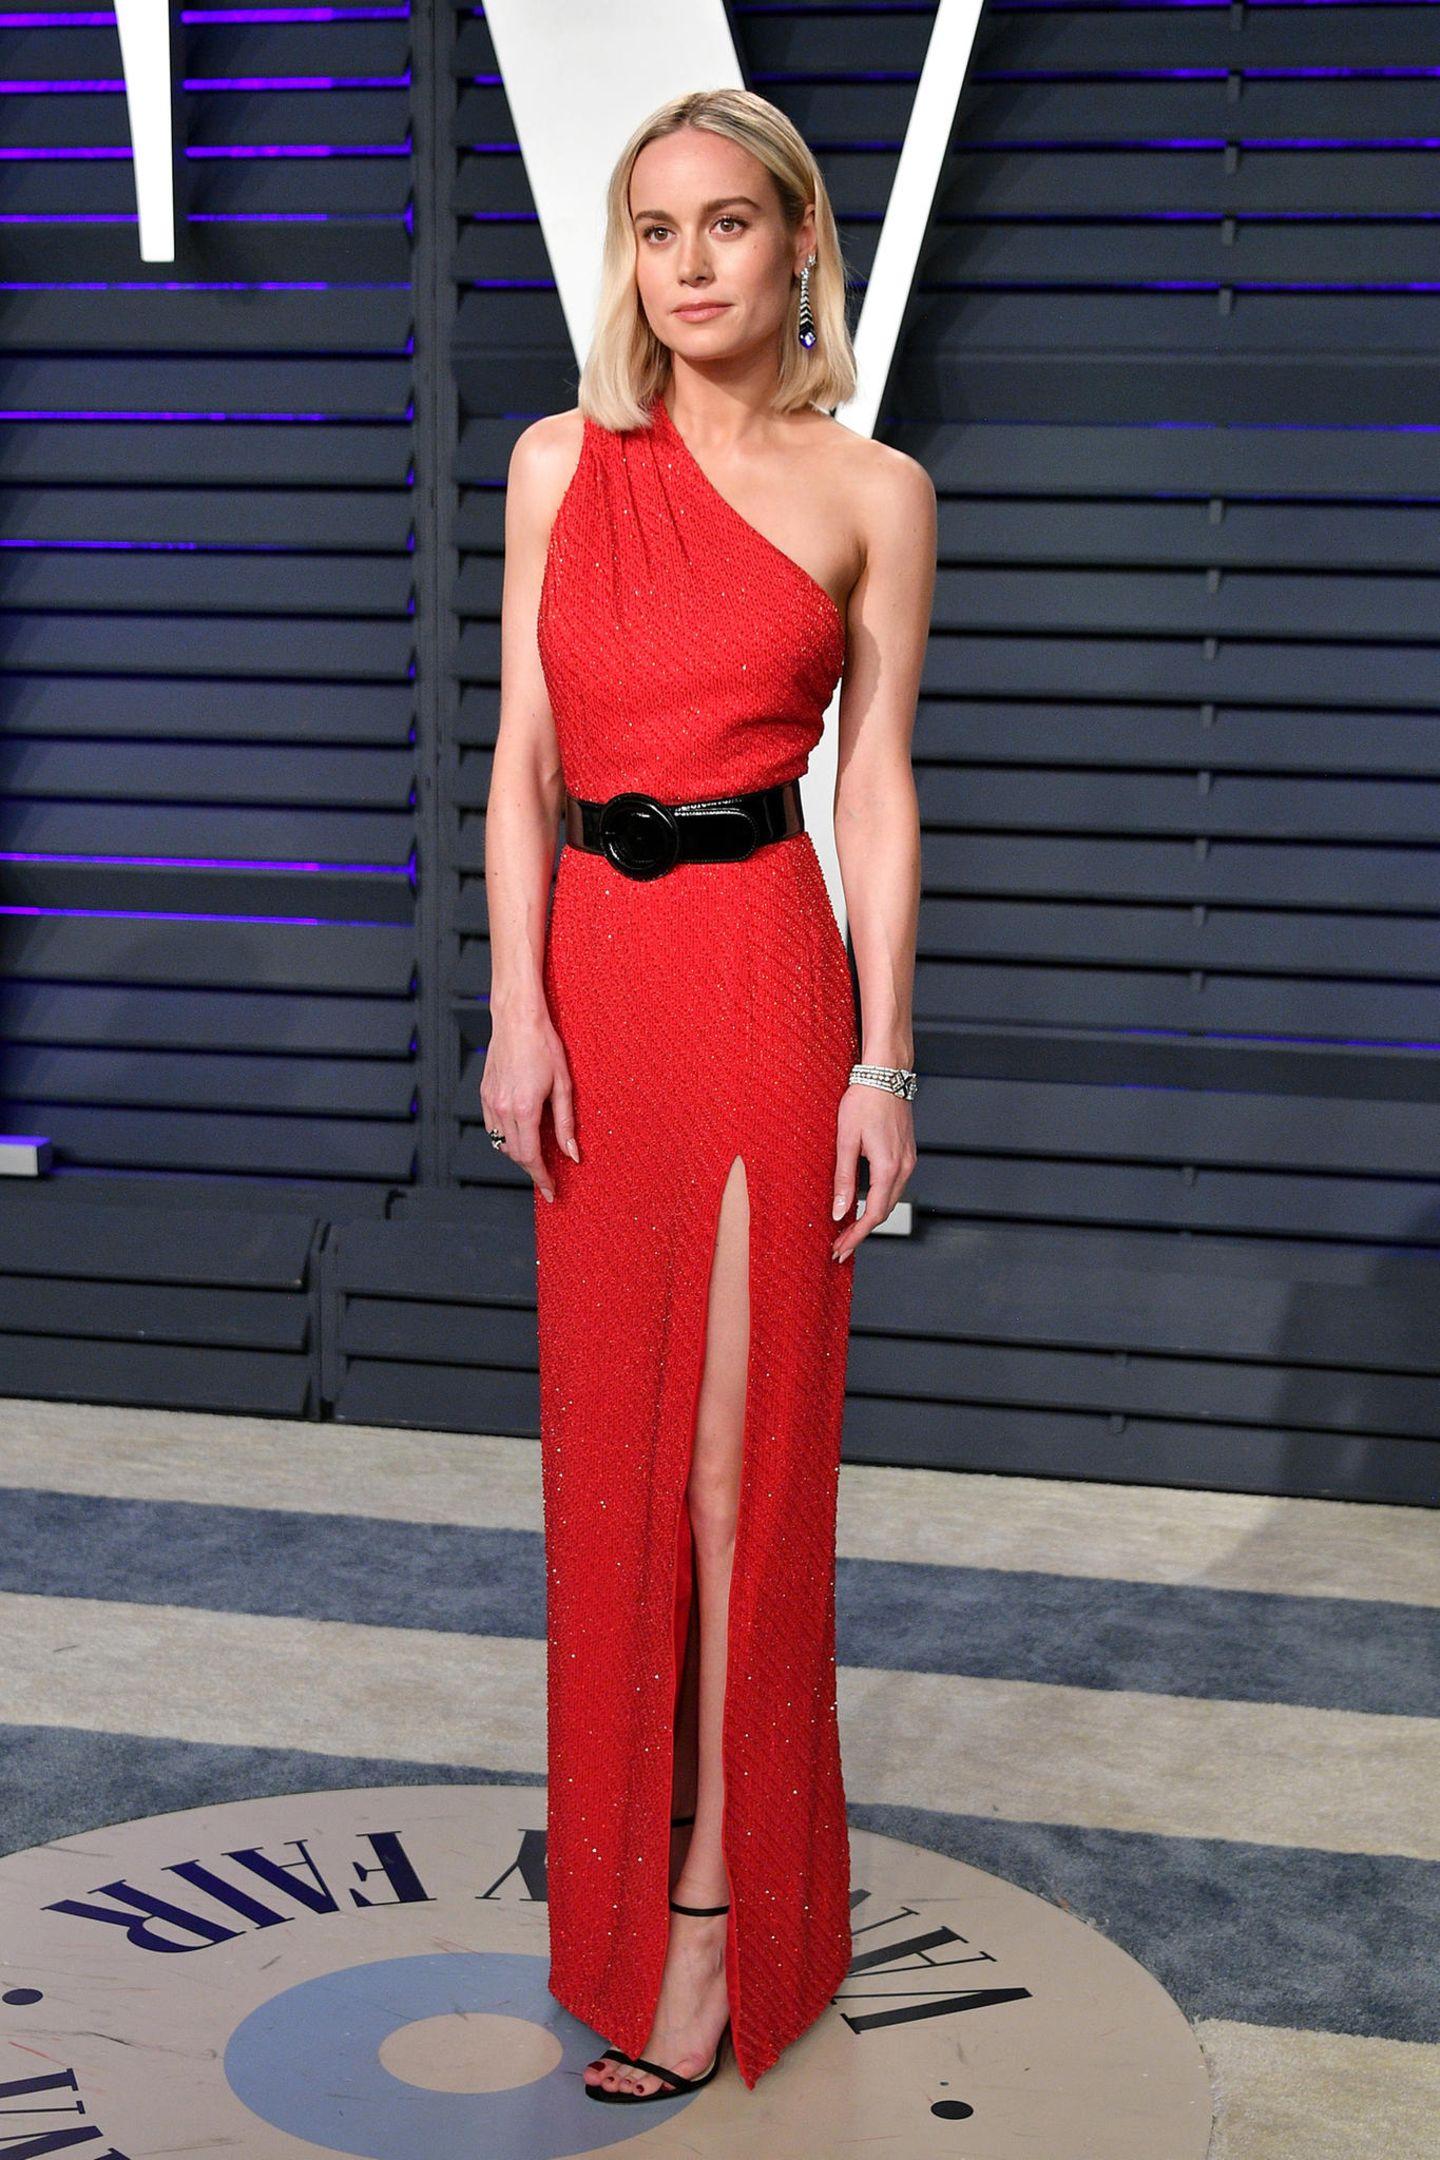 Jetzt in Rot: Brie Larson bei der Vanity Fair Party